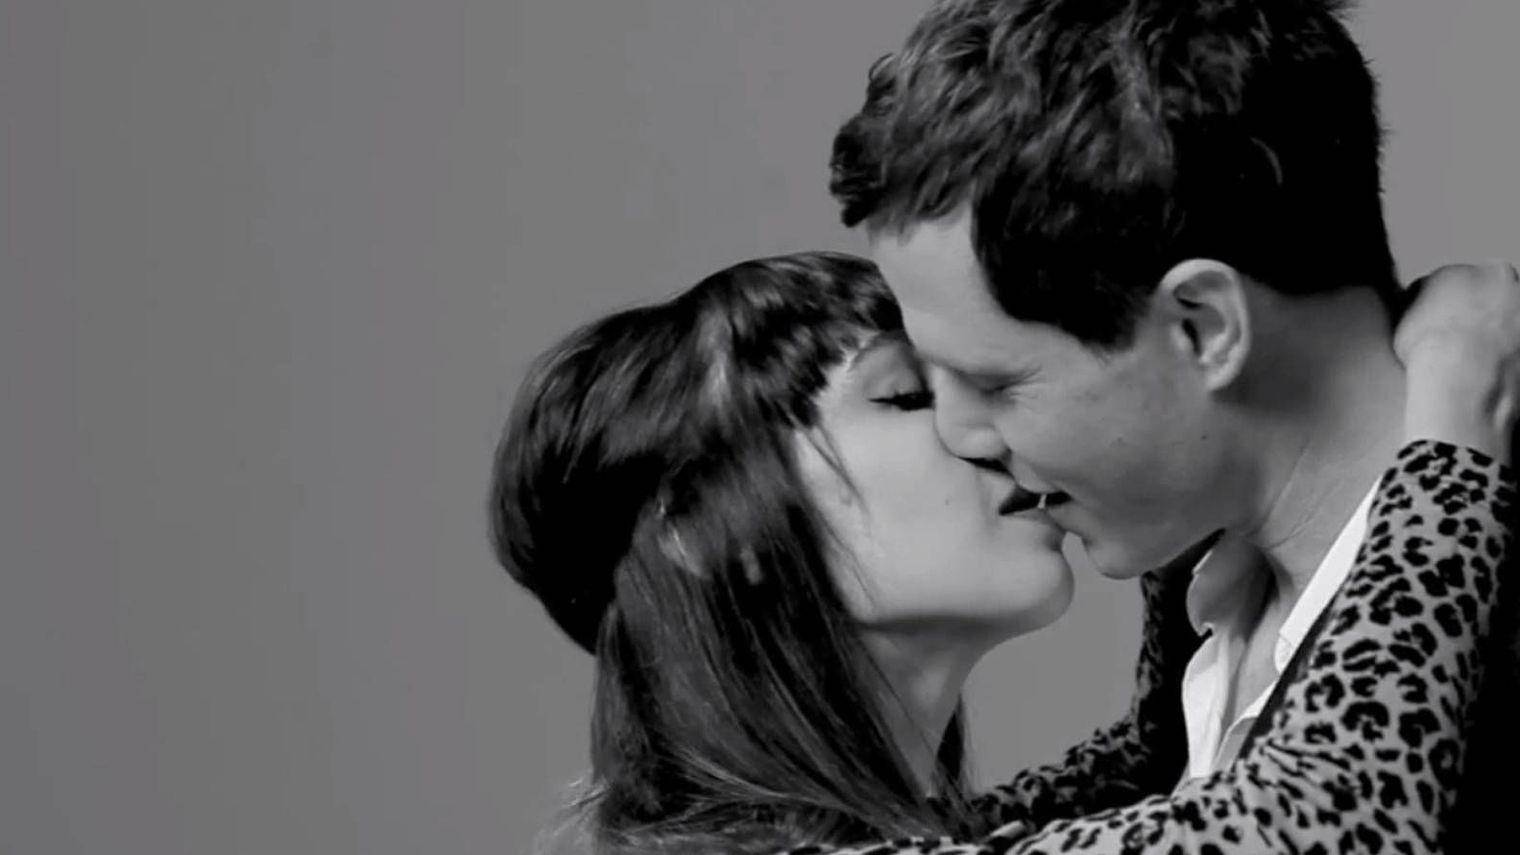 Miels de l'adolescence s'embrasser avec